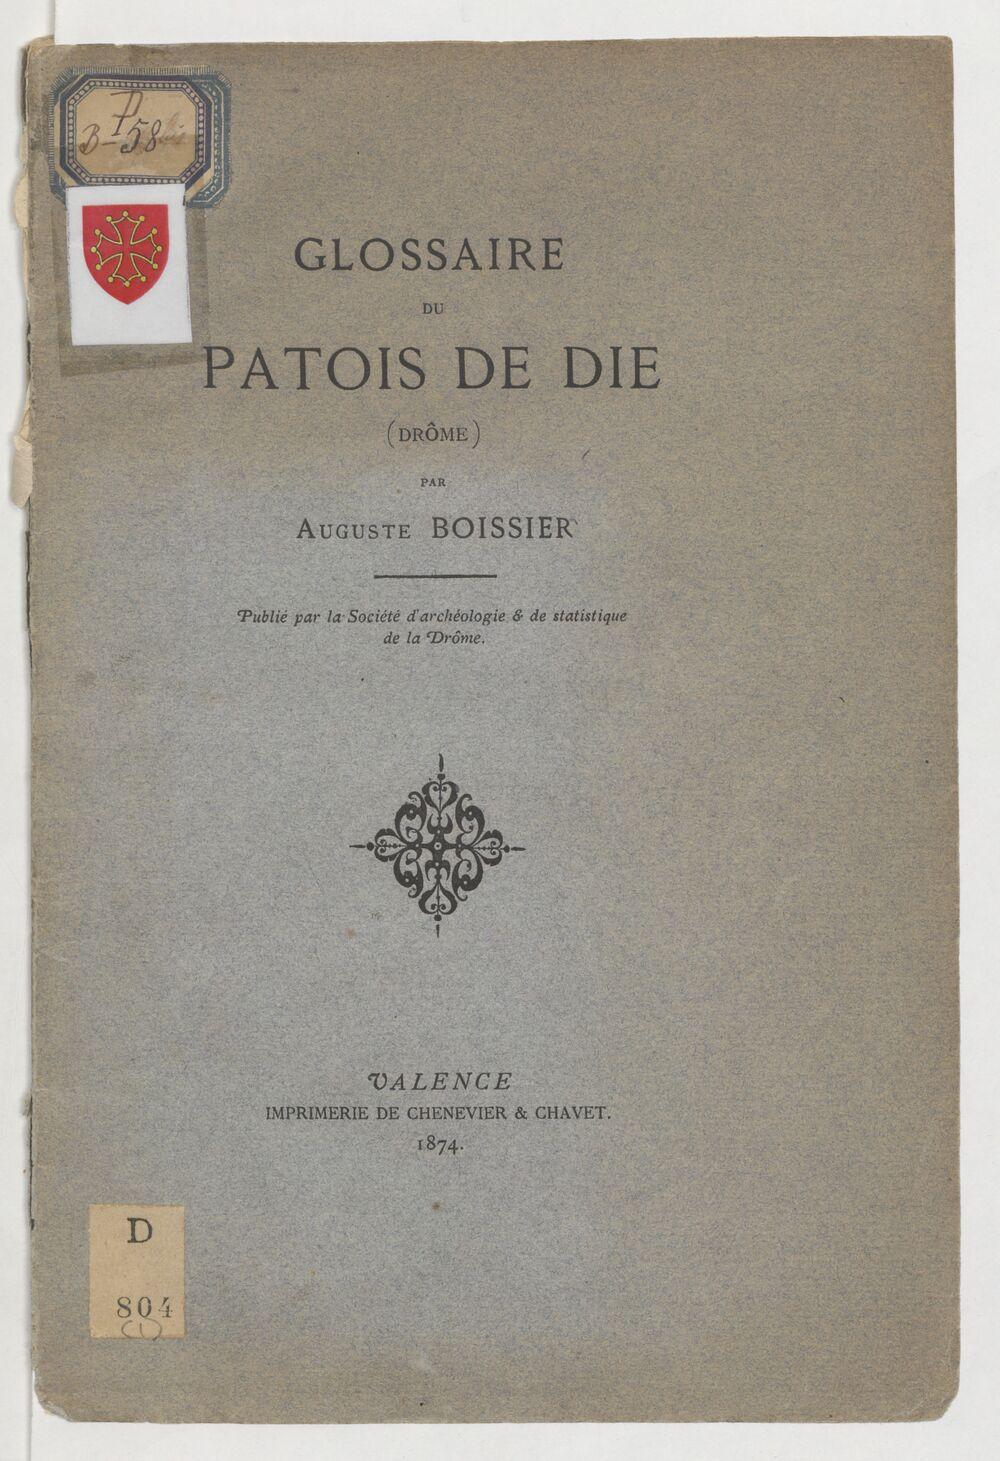 Glossaire du patois de Die (Drôme) / par Auguste Boissier